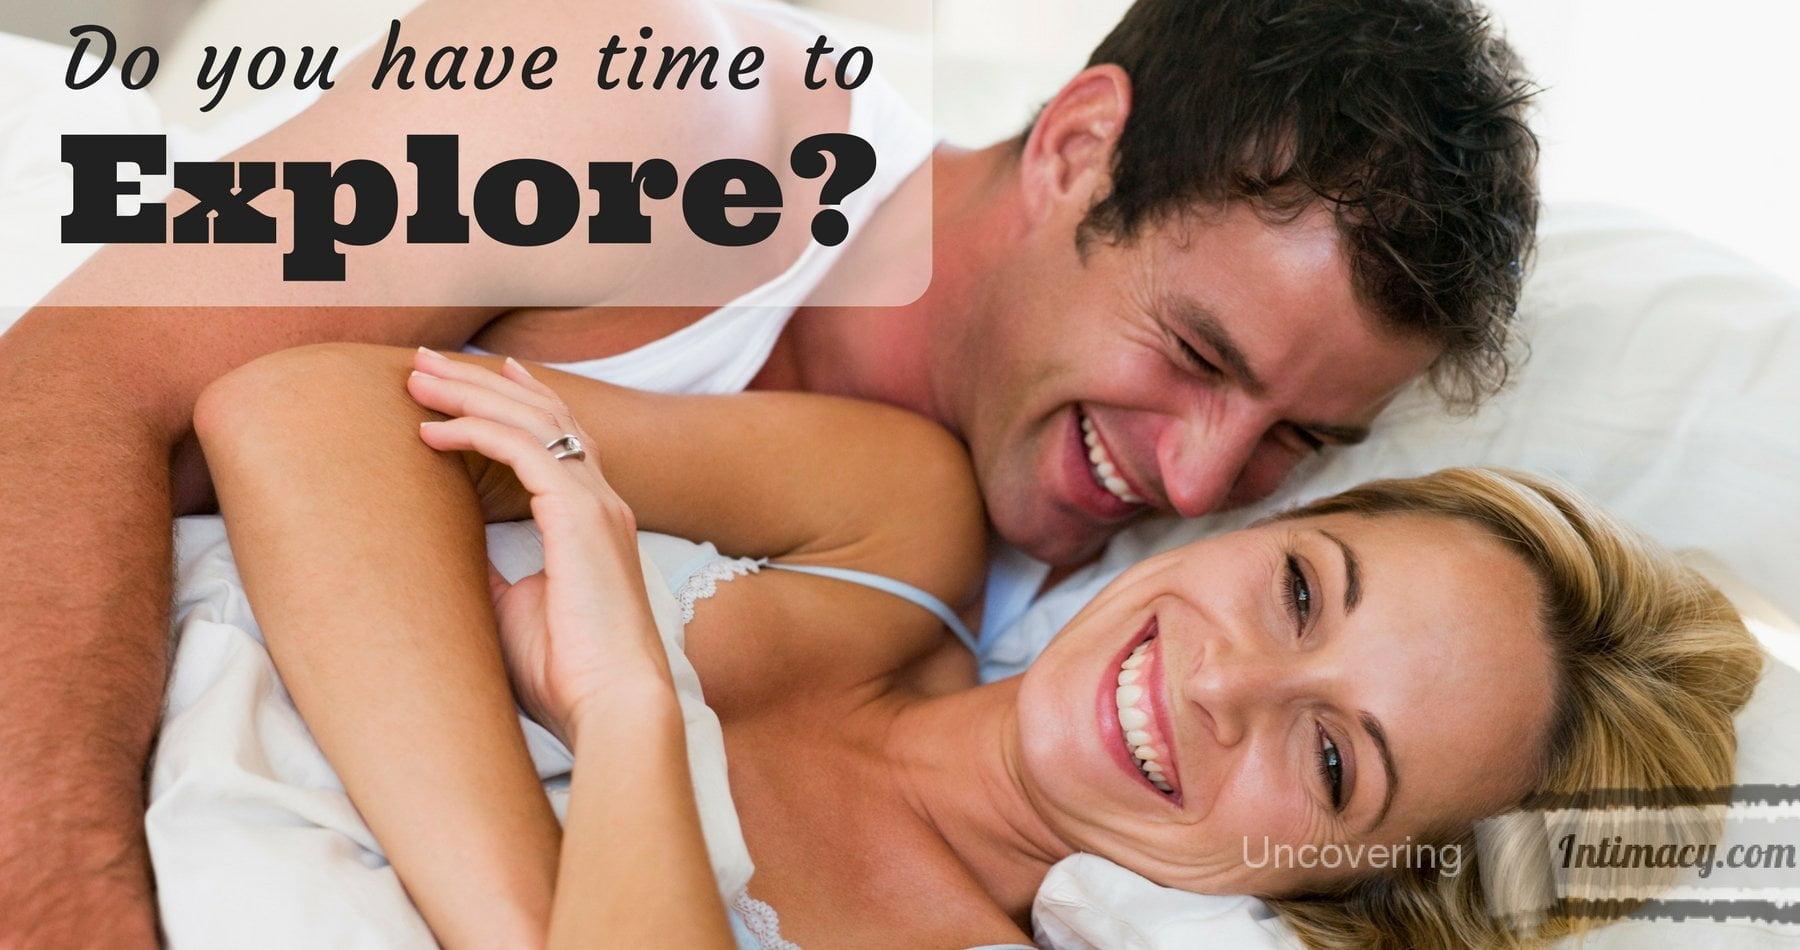 Чисти секс онлайн, Секис - бесплатное порно видео в режиме онлайн на 27 фотография